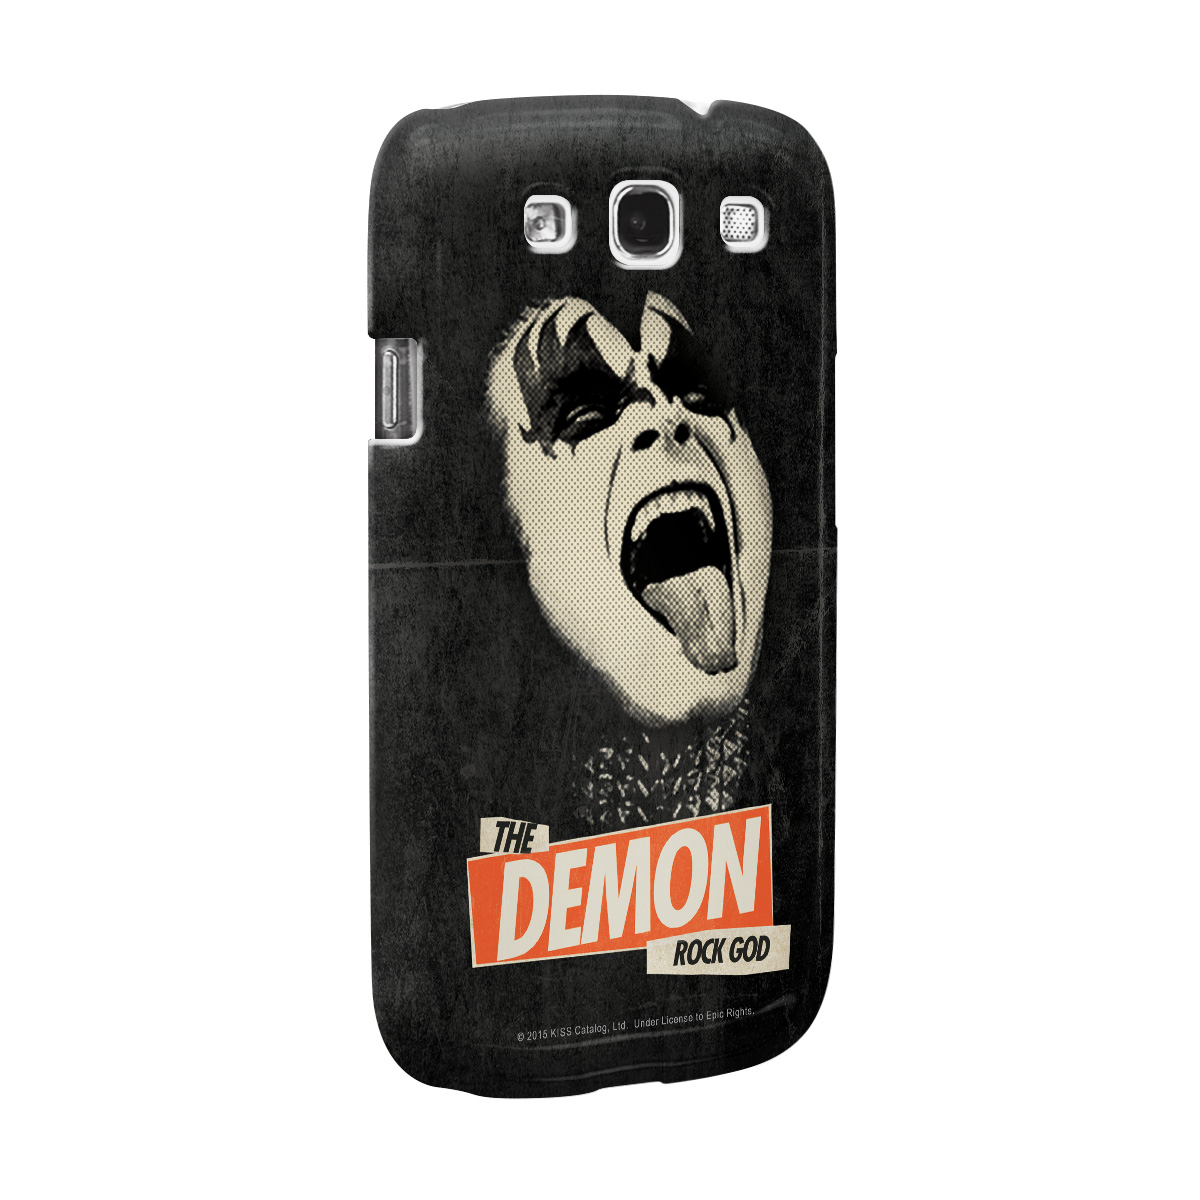 Capa para Samsung Galaxy S3 Kiss Rock God